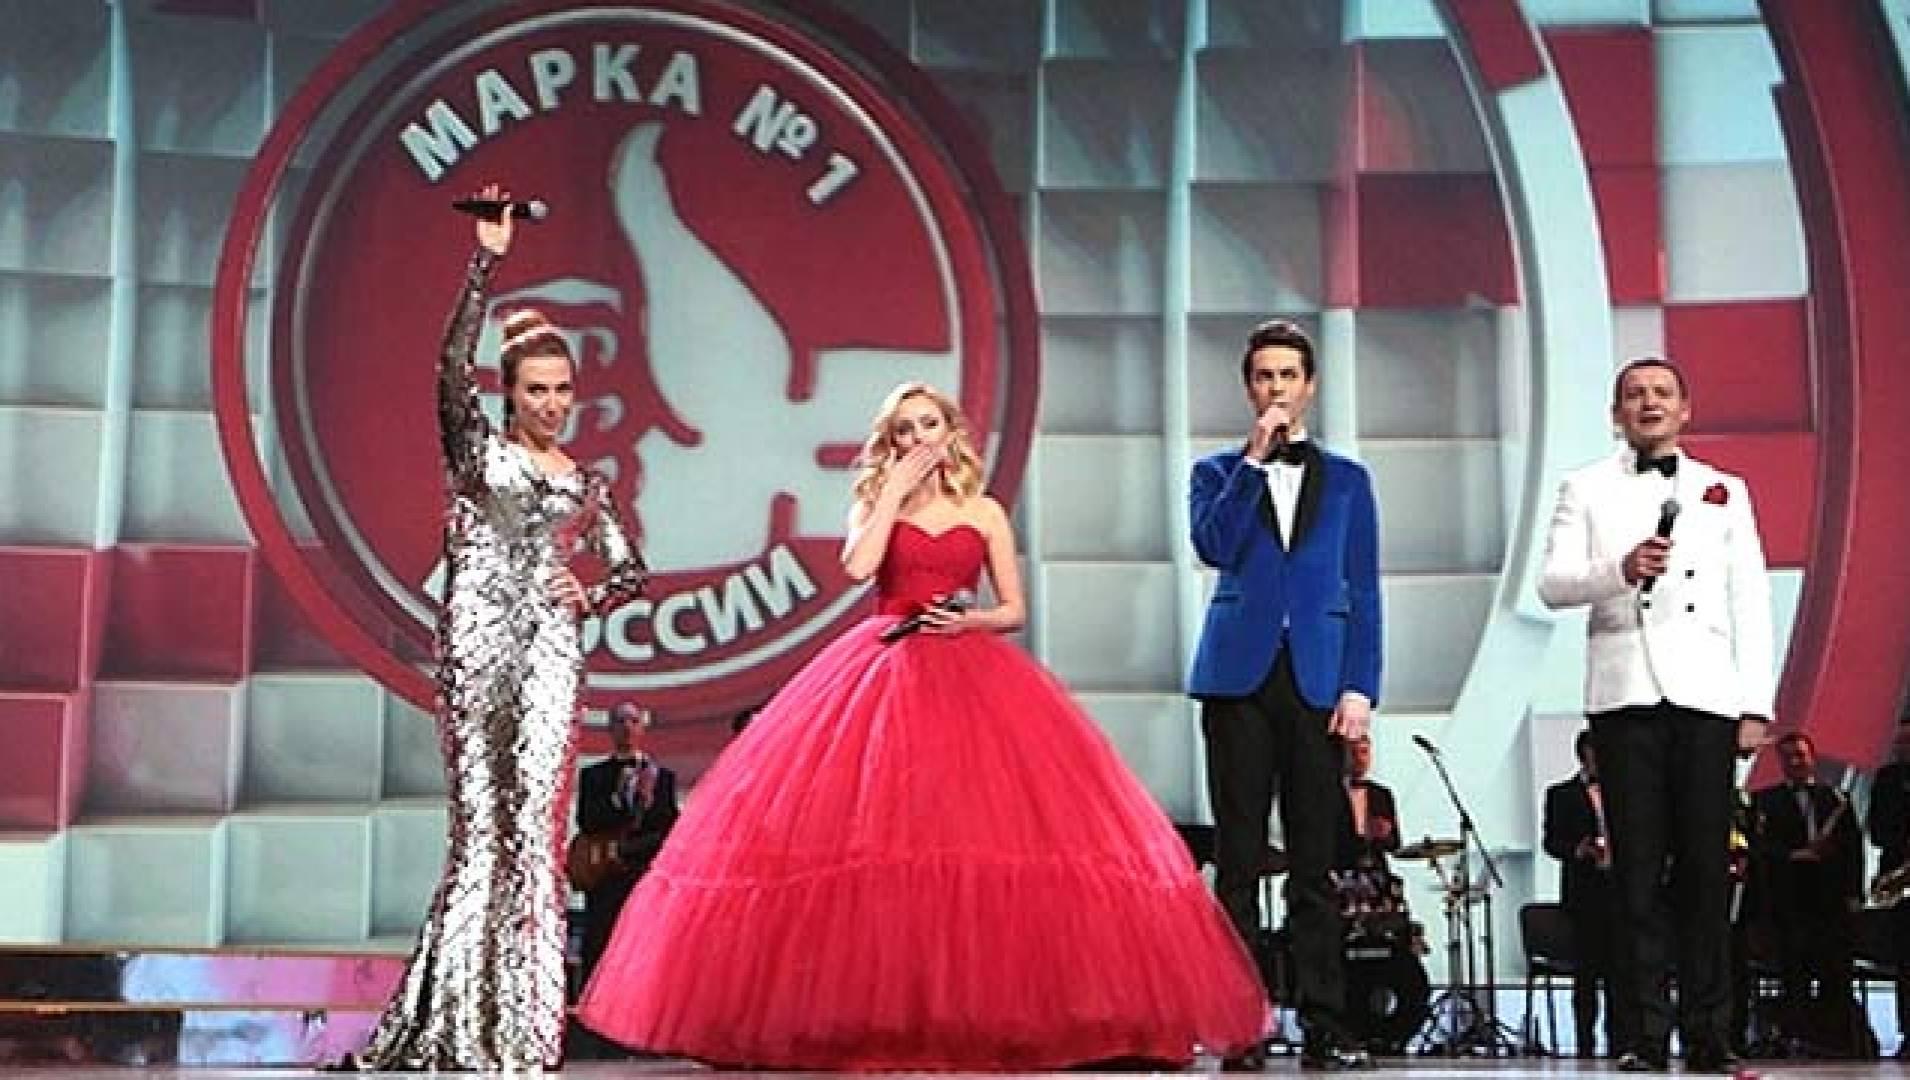 «Народная марка» в Кремле (2016) - ТВ-шоу